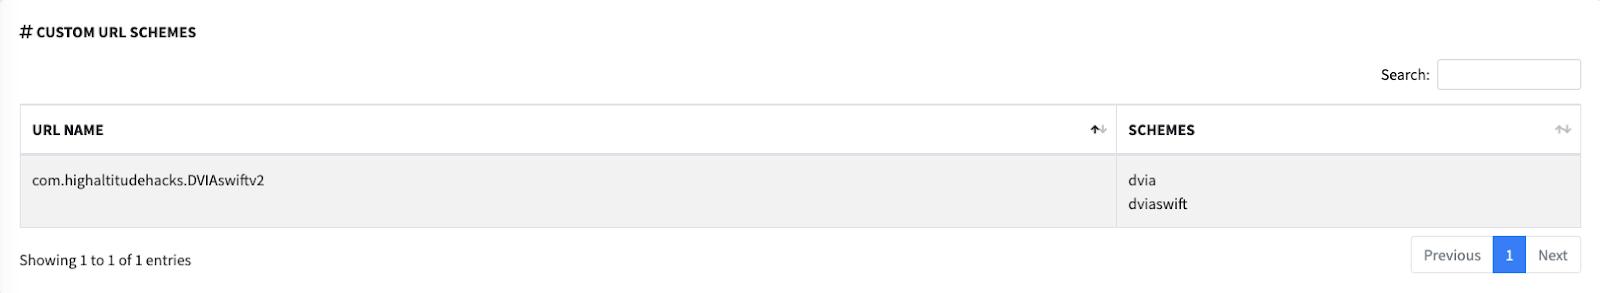 Отображение кастомных URL схем в MobSF